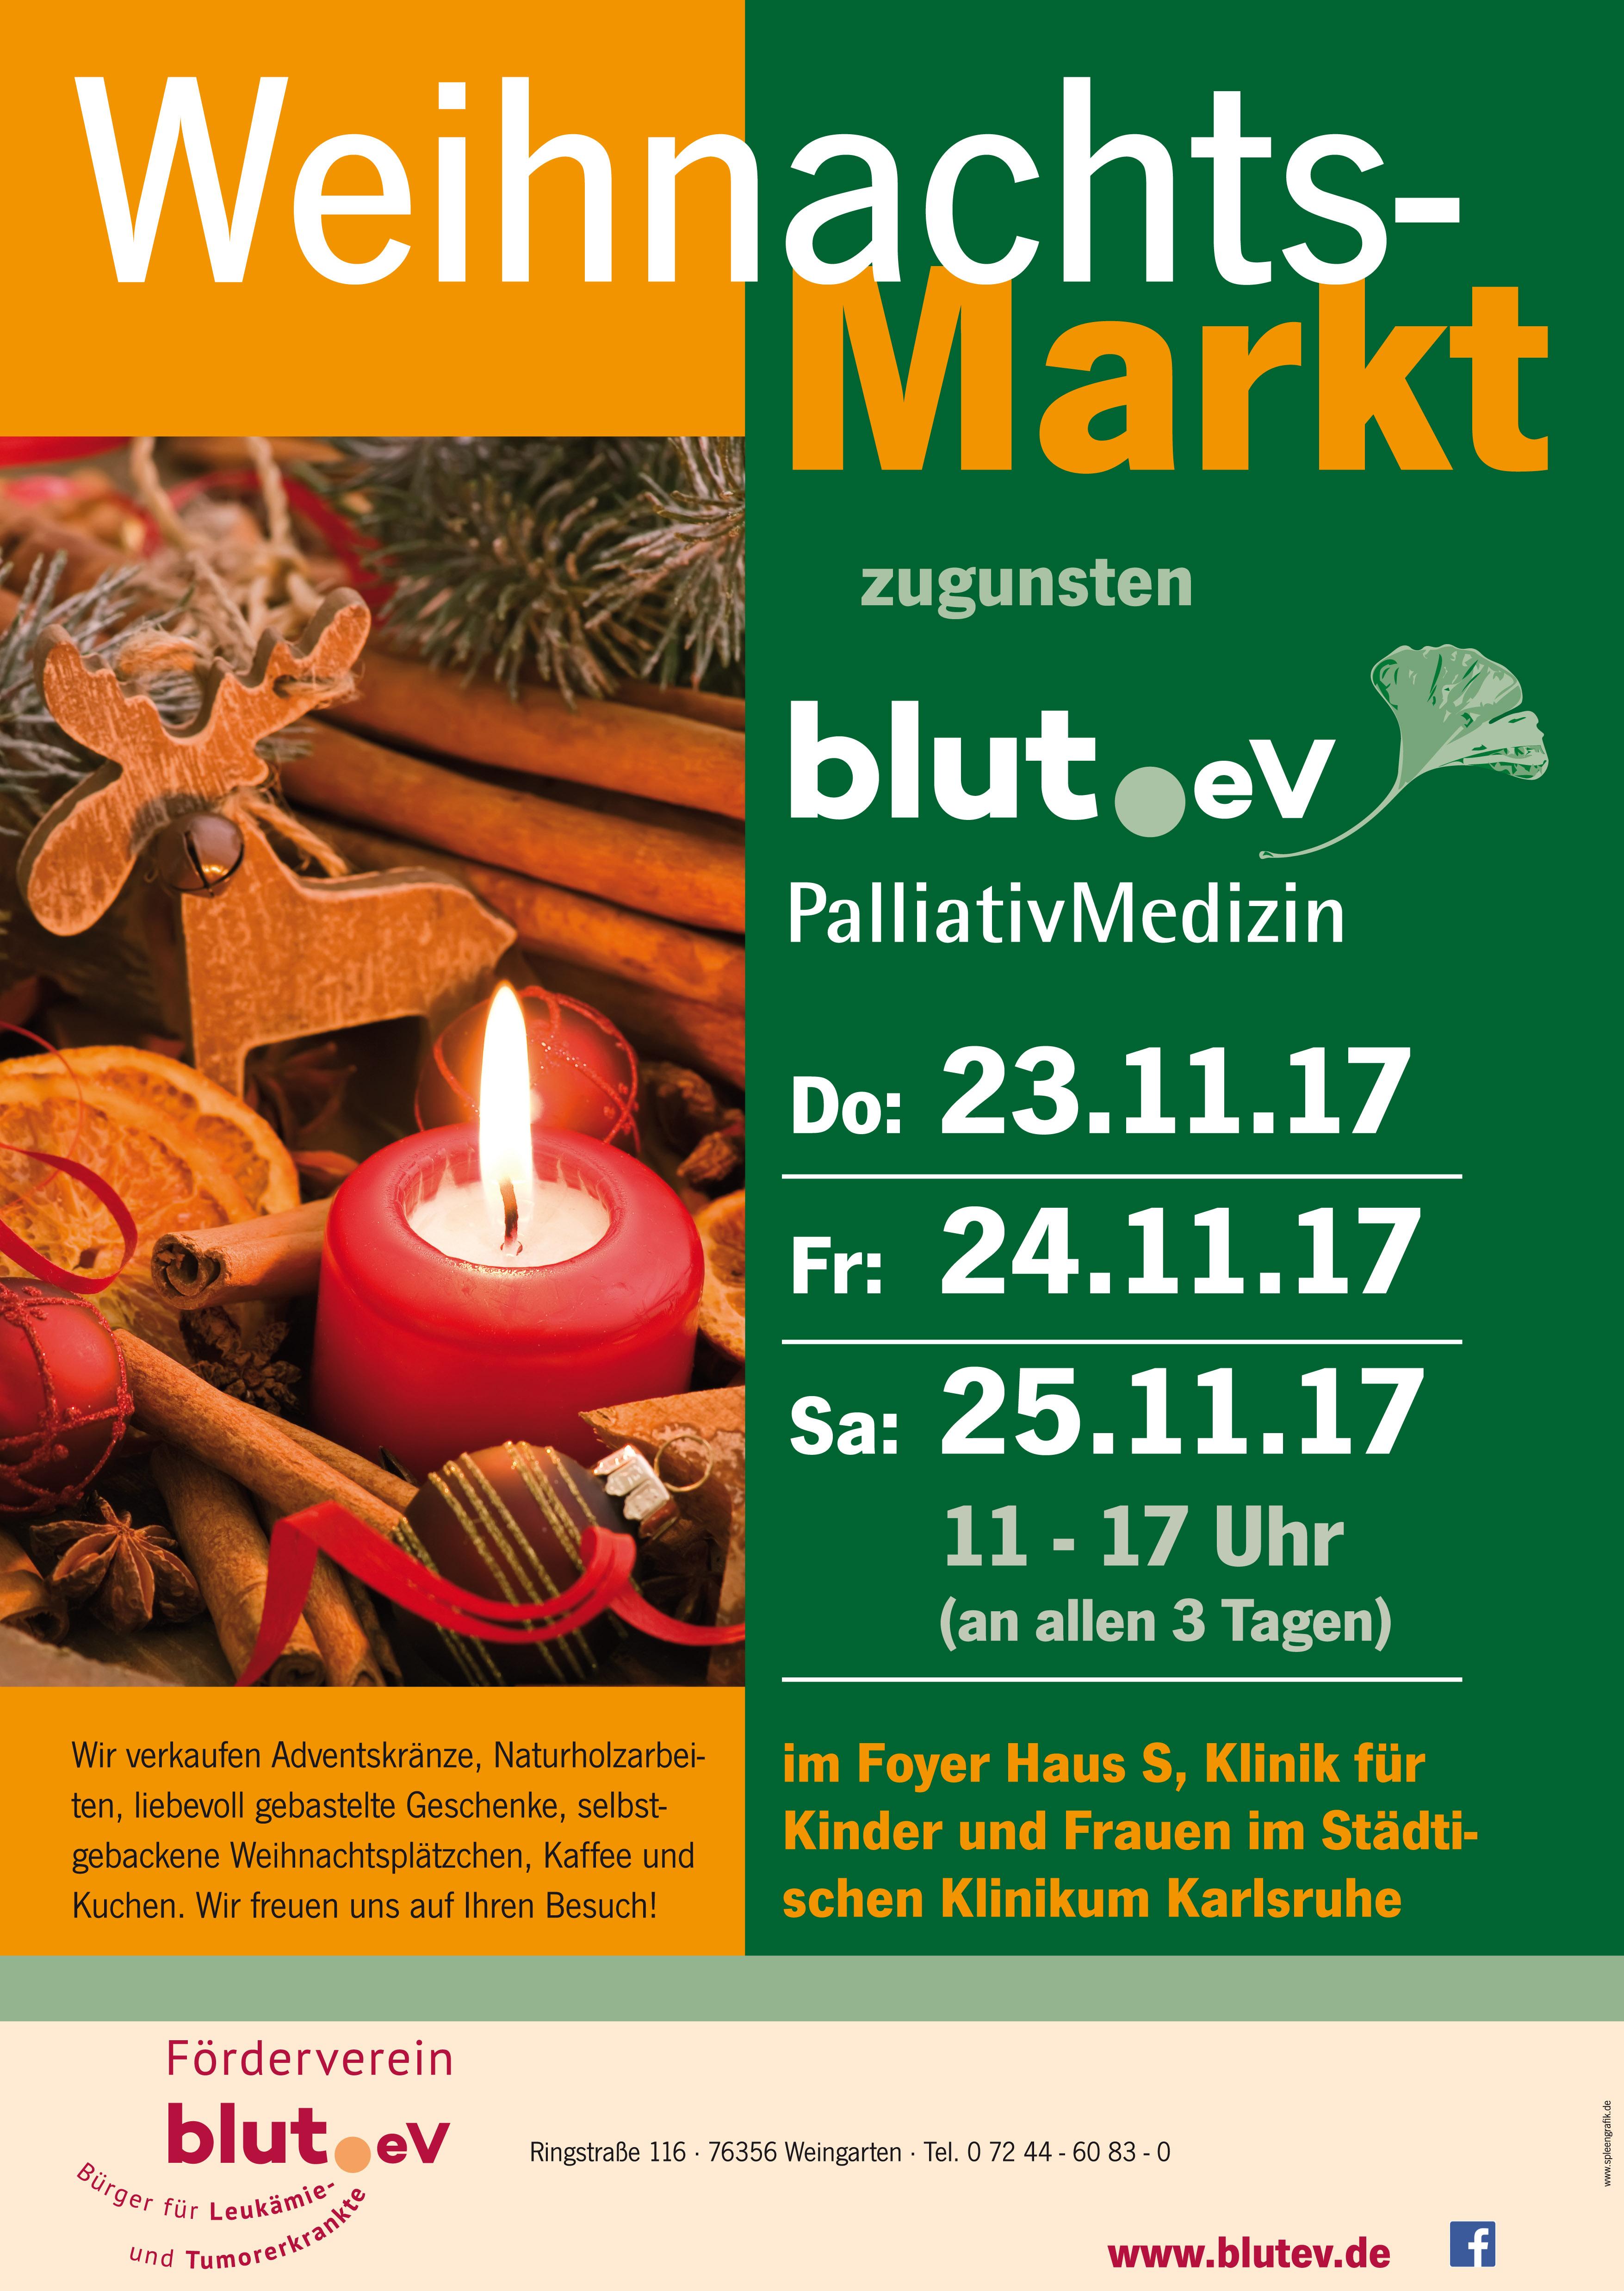 Weihnachtsmarkt am Städtischen Klinikum Karlsruhe, Haus S